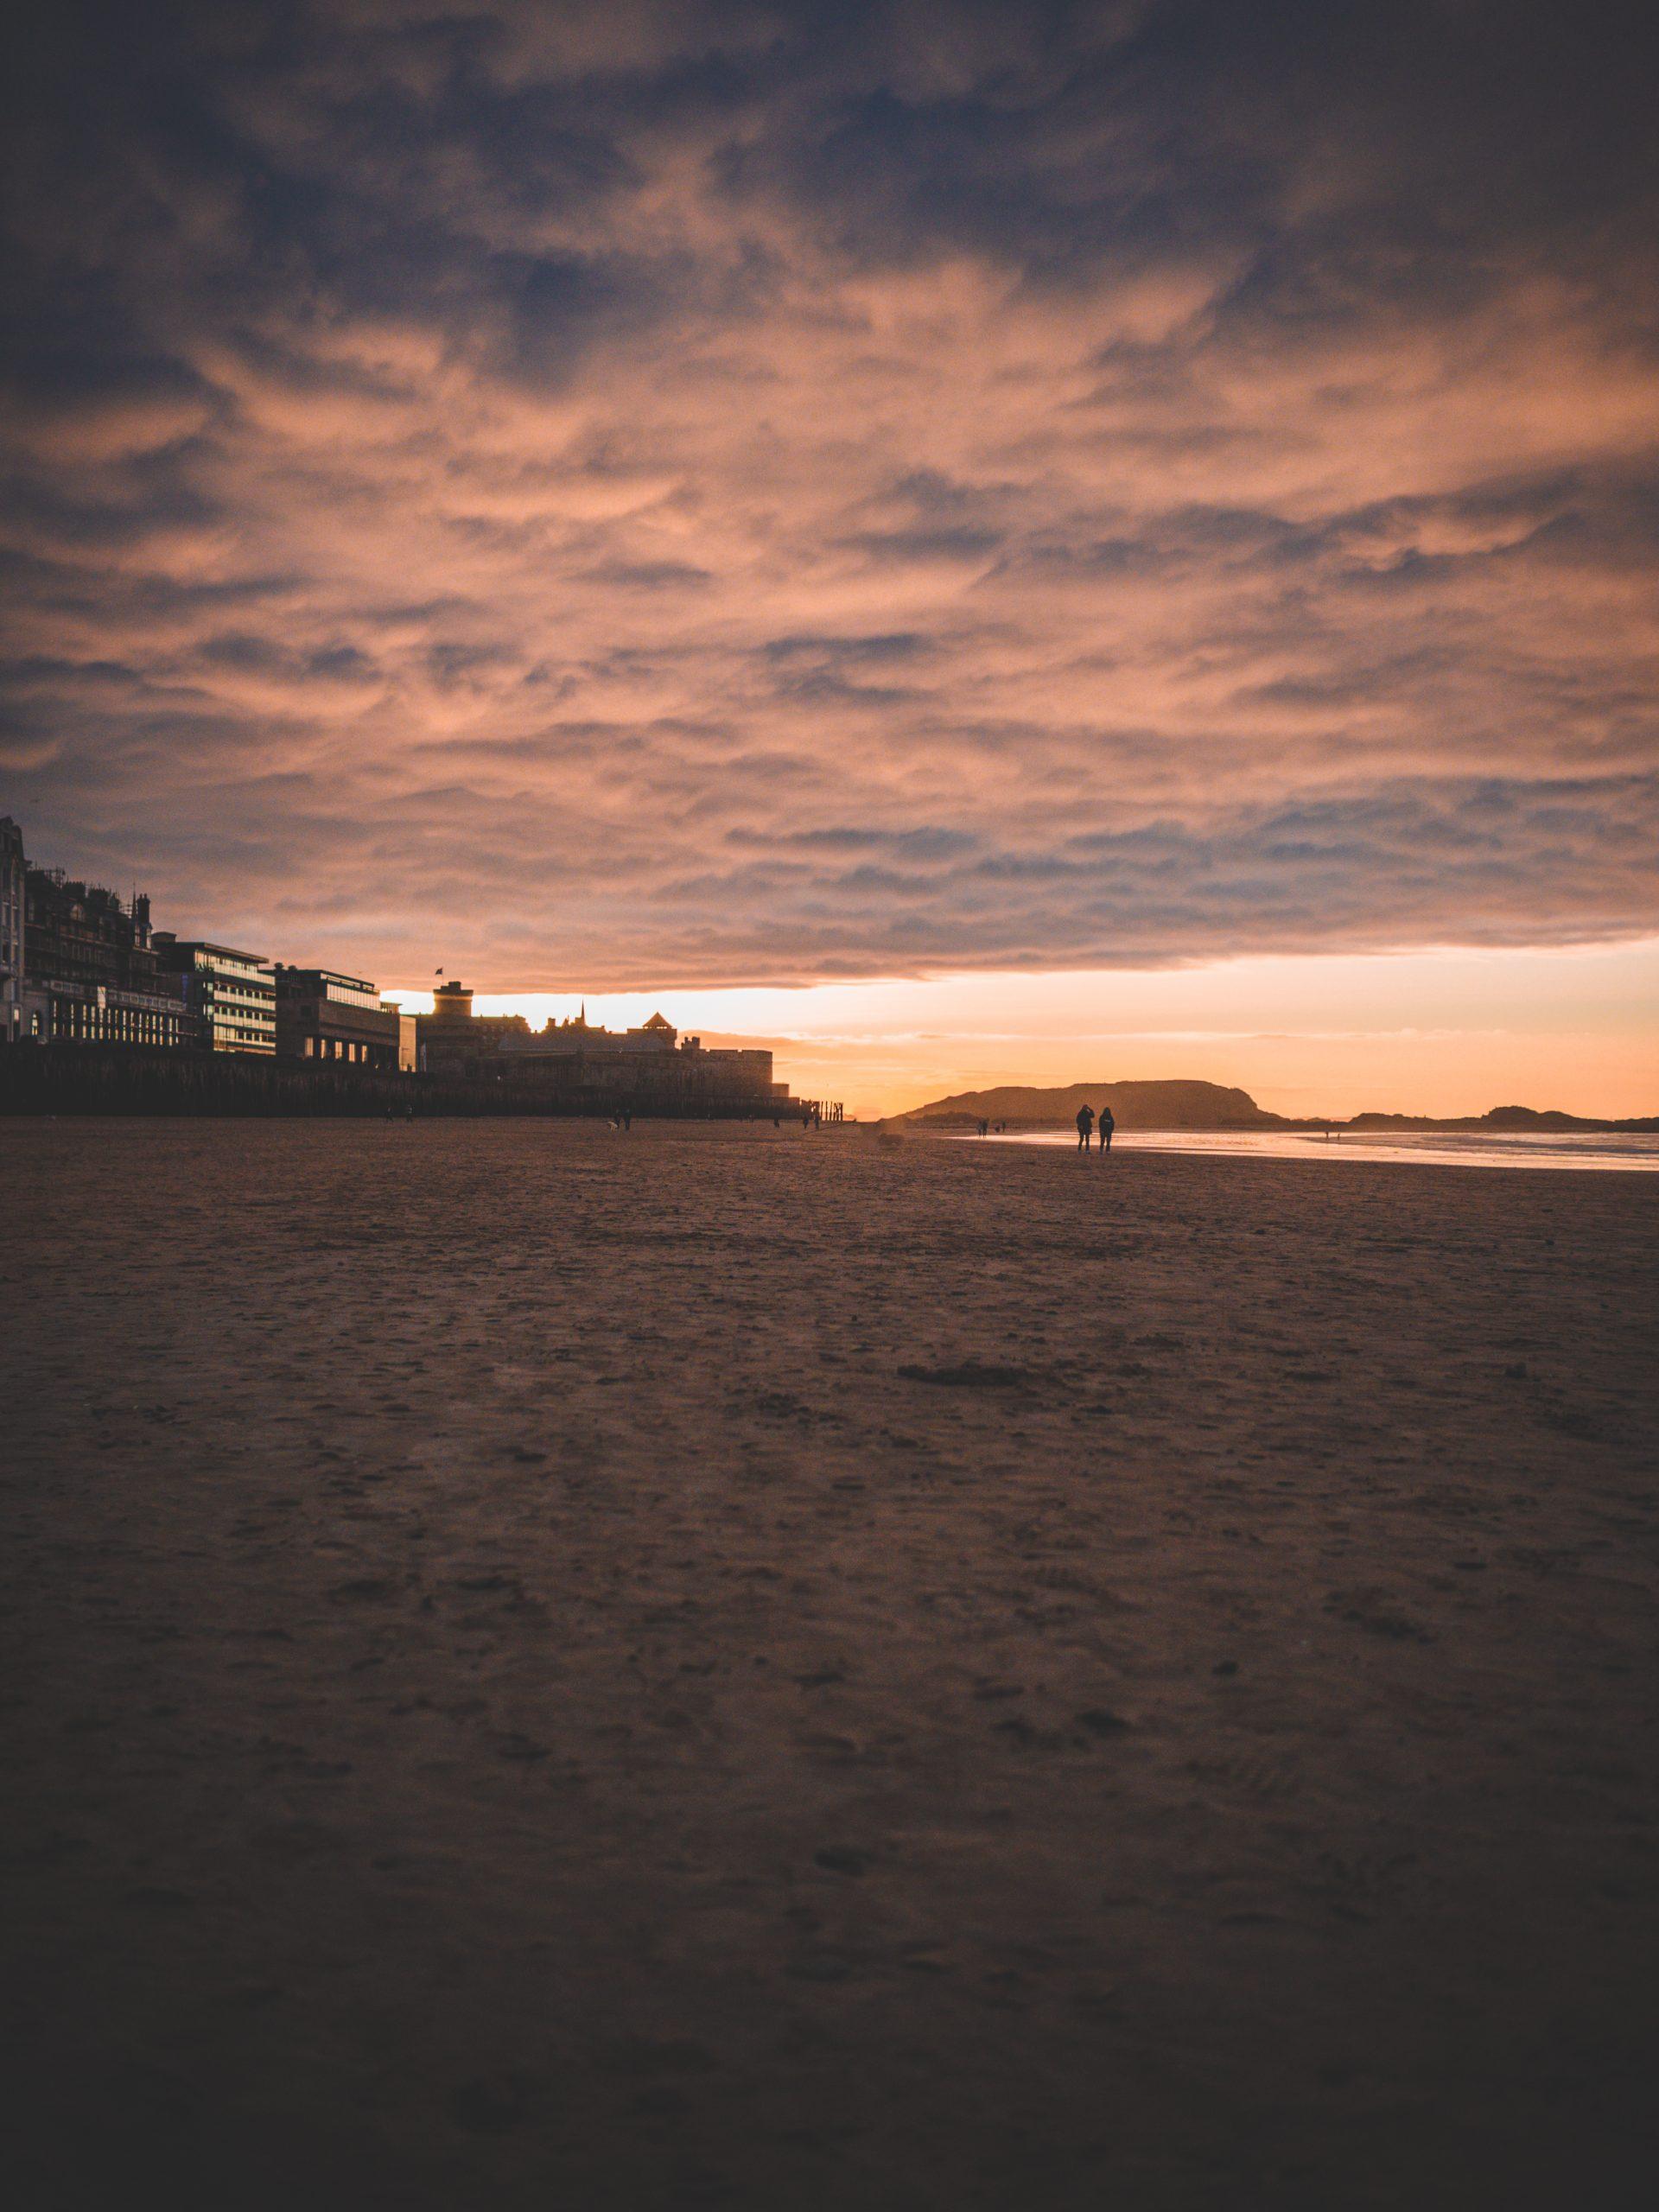 coucher de soleil sur la plage du Sillon de Saint-Malo